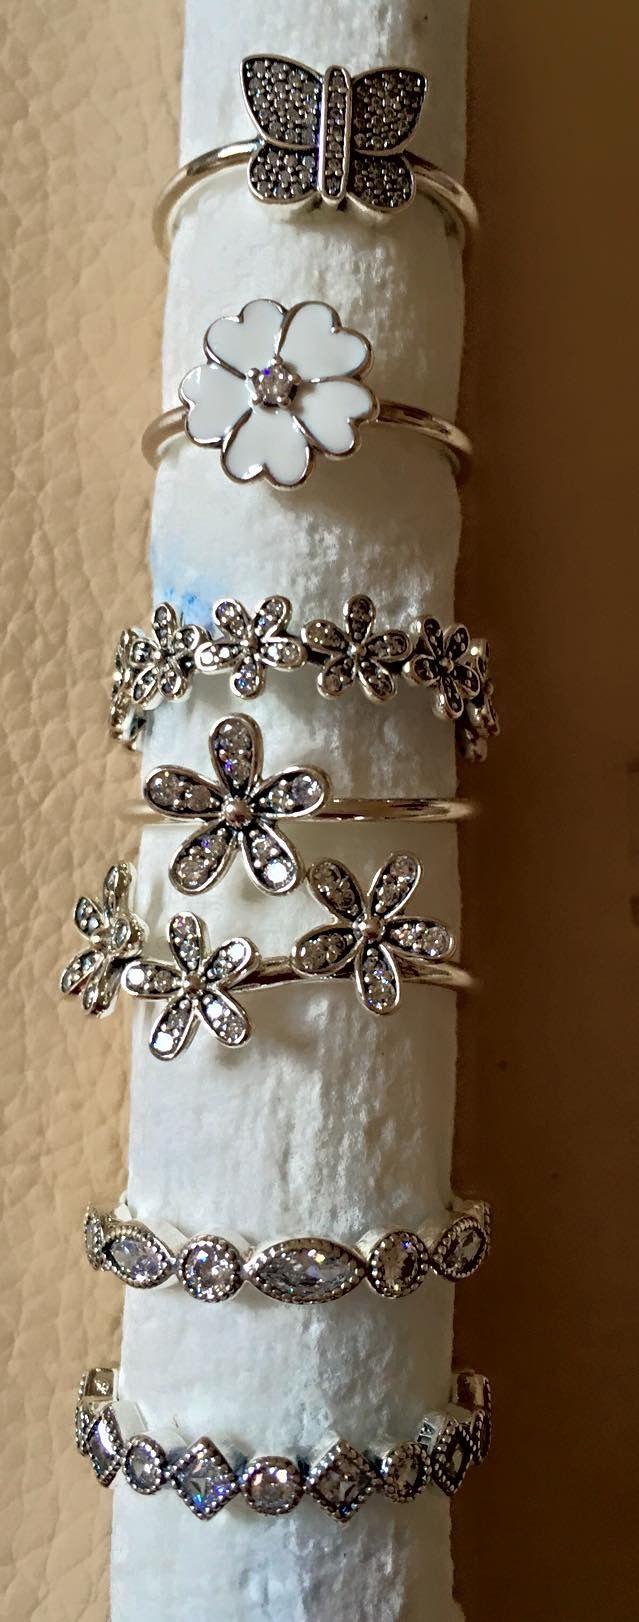 Pandora spring rings!